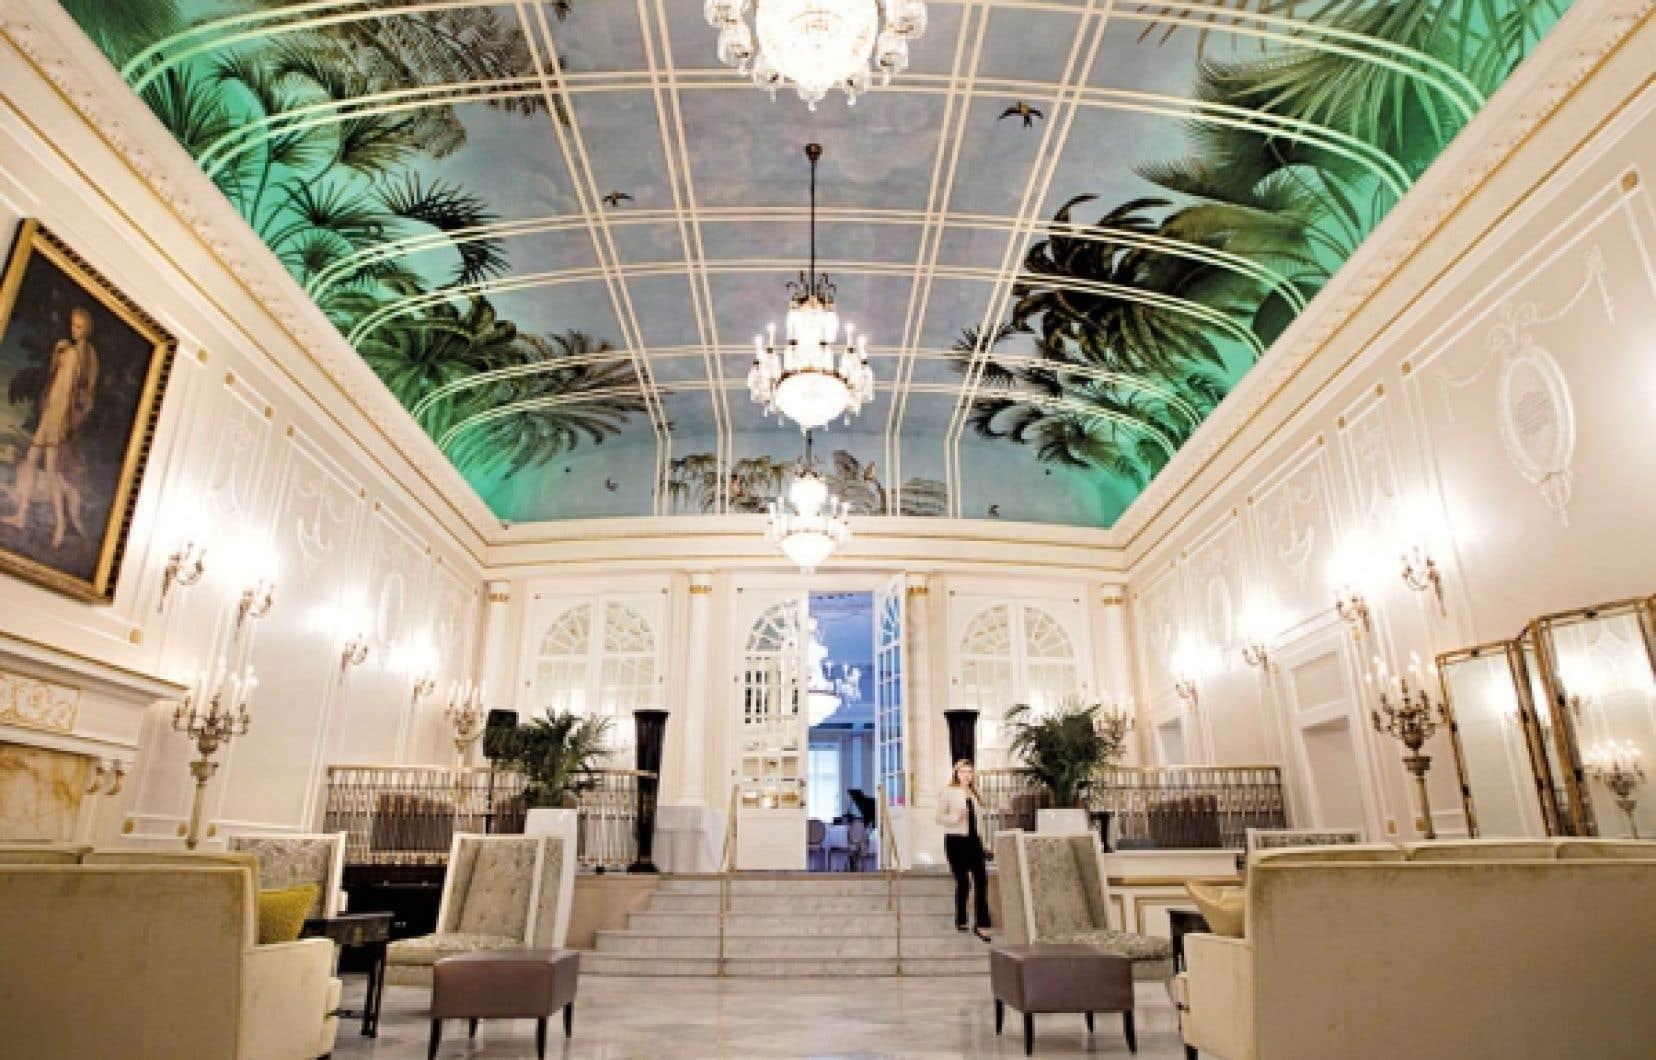 Reconfiguré, rénové et redécoré, le Ritz-Carlton Montréal a accueilli hier ses premiers clients, qui ont pu admirer notamment le salon des palmiers (ci-dessus) et l'une ou l'autre des 98 chambres et des 31 suites que compte maintenant l'hôtel, dont une partie a été transformée en 45 résidences de luxe.